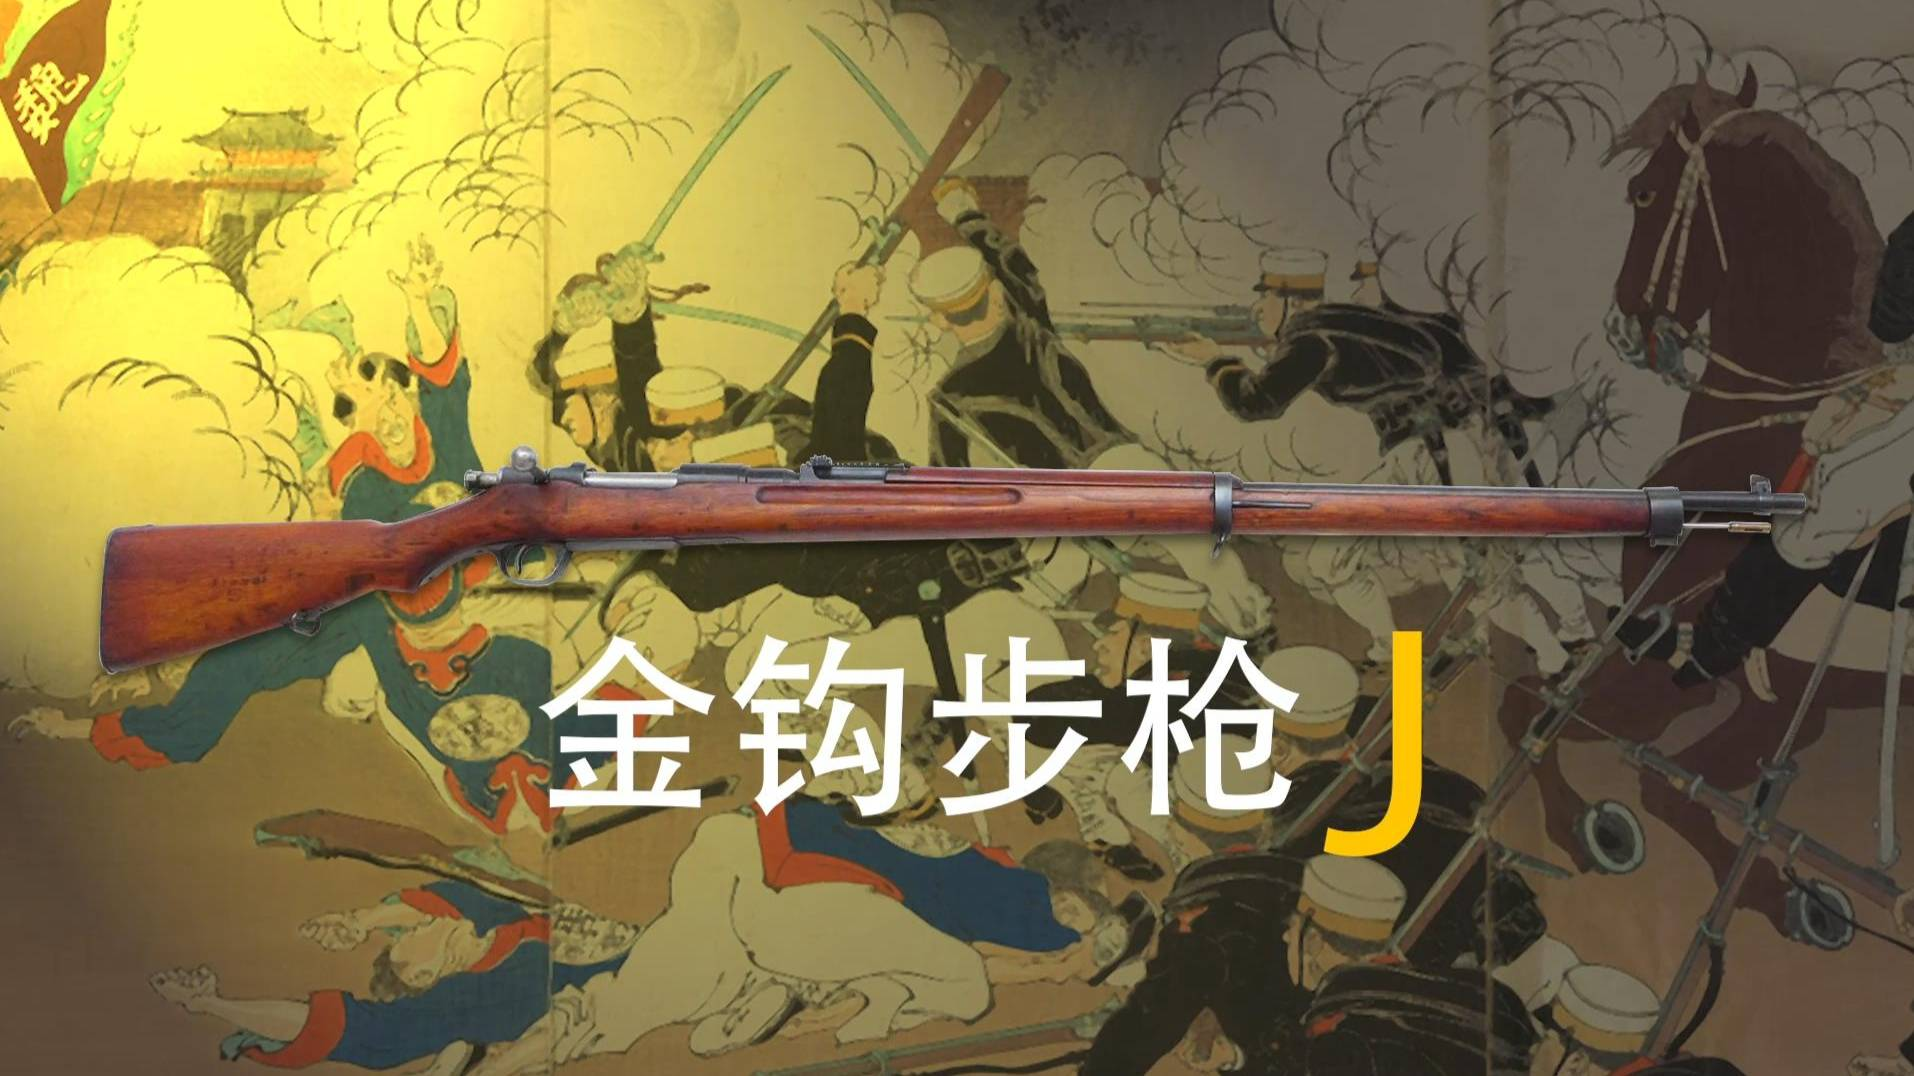 五分钟说轻武 第七期 日本栓动步枪的奠基者 有坂三十年式步枪